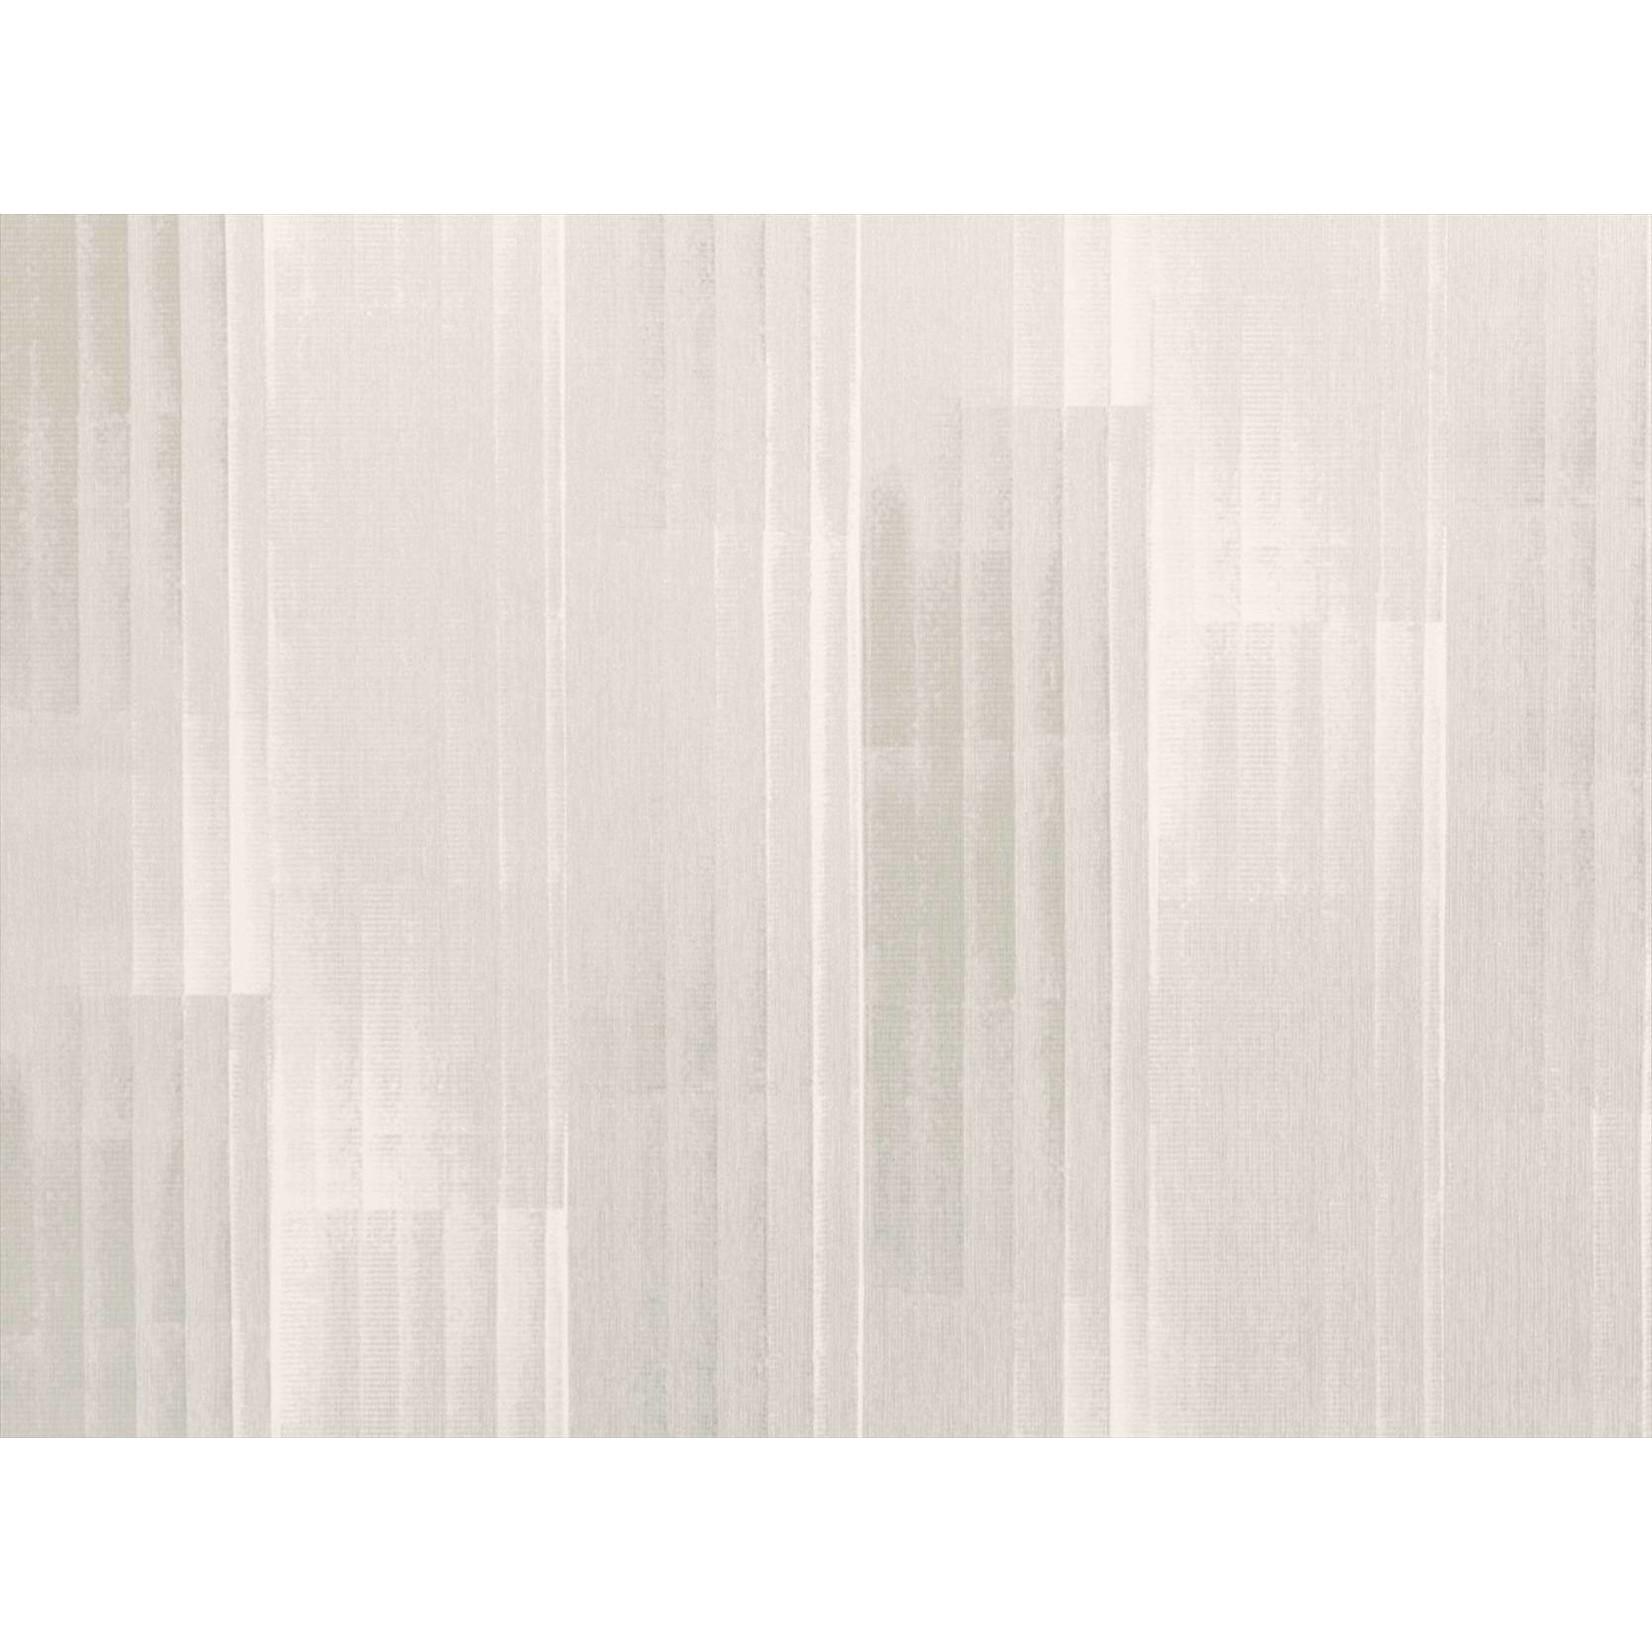 Villa Nova Renzo Wallcoverings | Doric Shingle